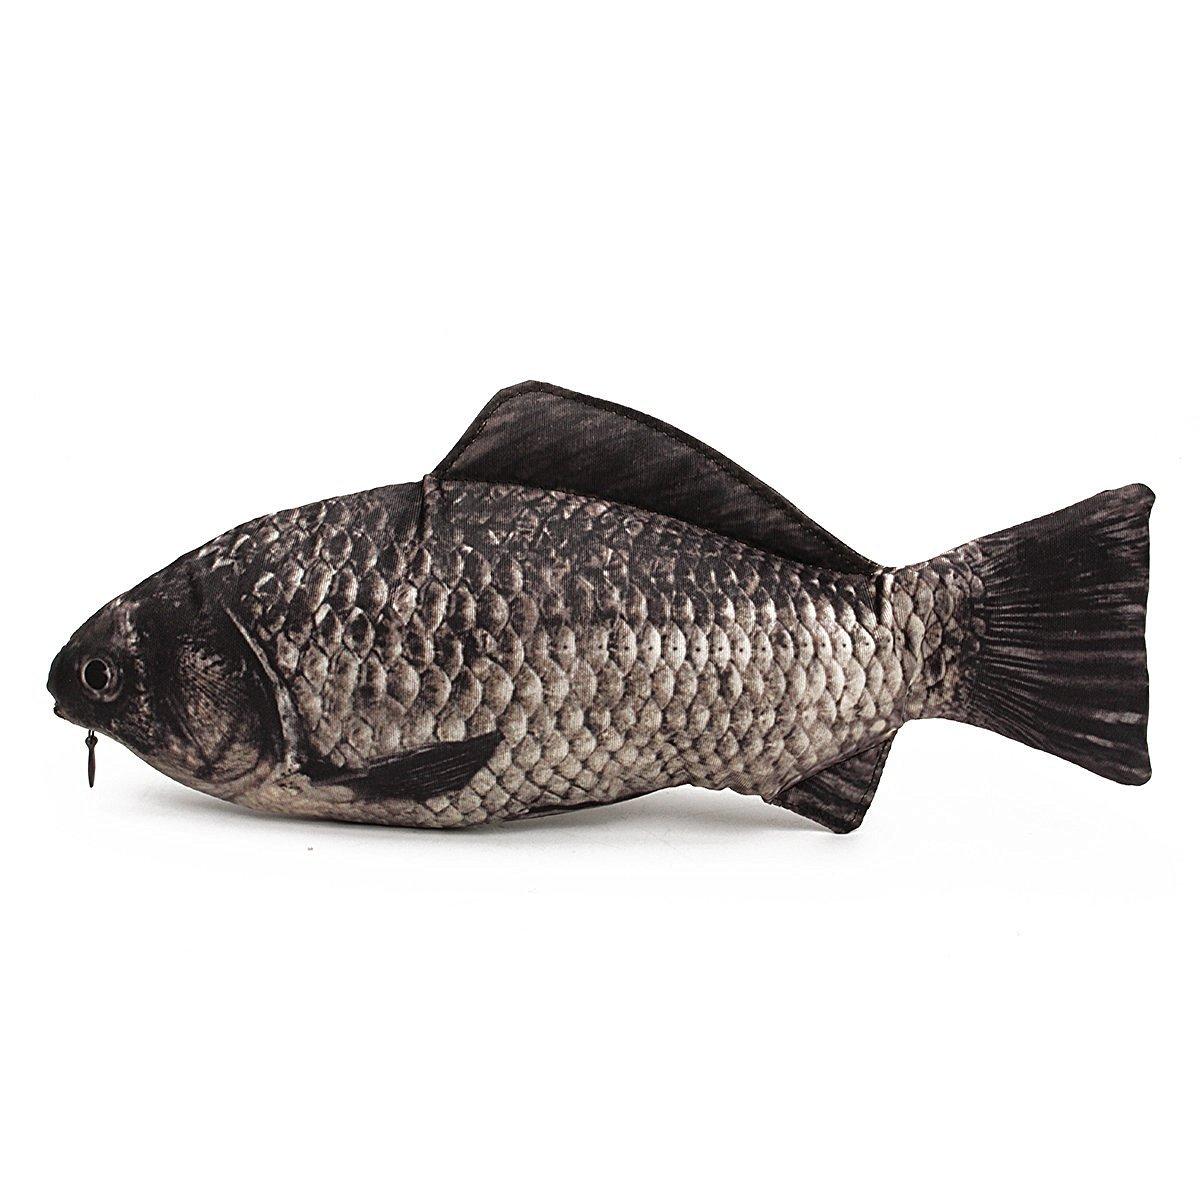 Aikesi Bolso del lápiz Diversión y creativo la forma de los pescados Bolsa cosmética de la bolsa con la cremallera 1pcs